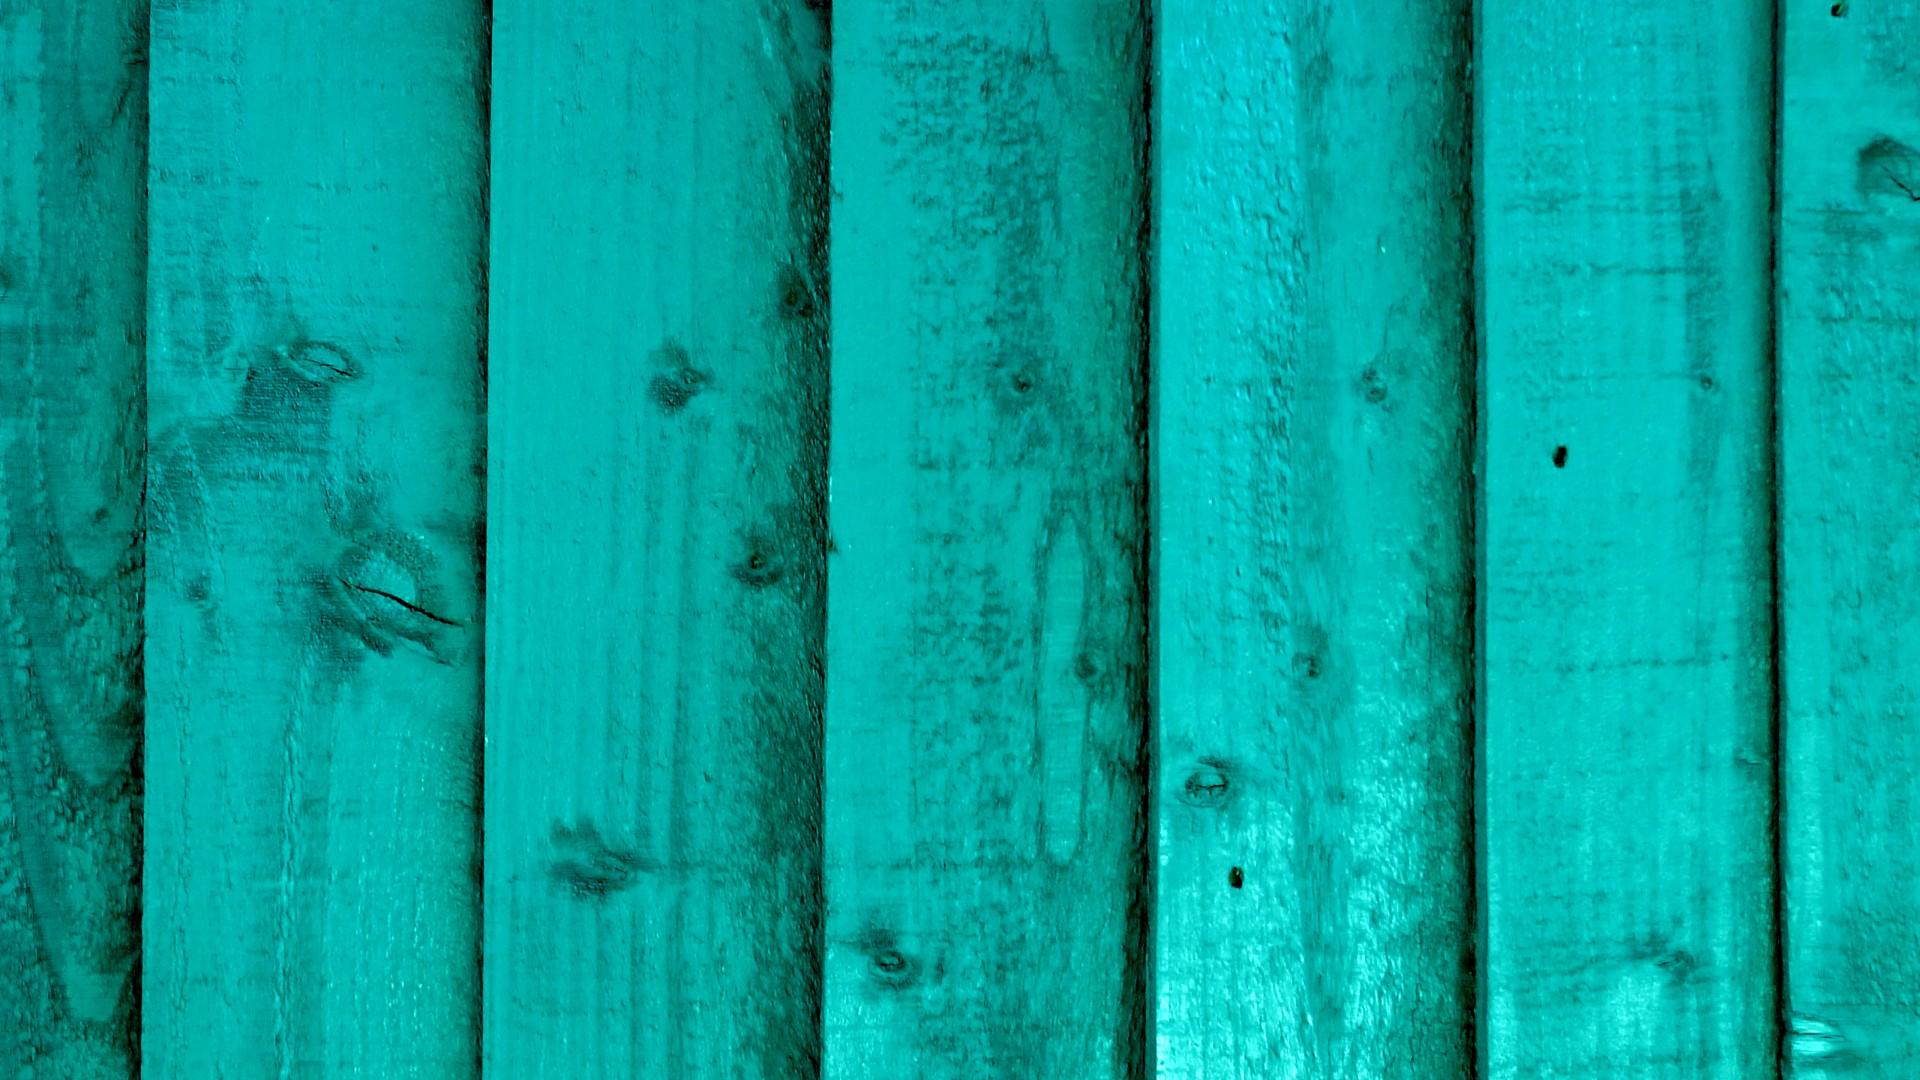 Turquoise Fence Background Free Stock Photo Public